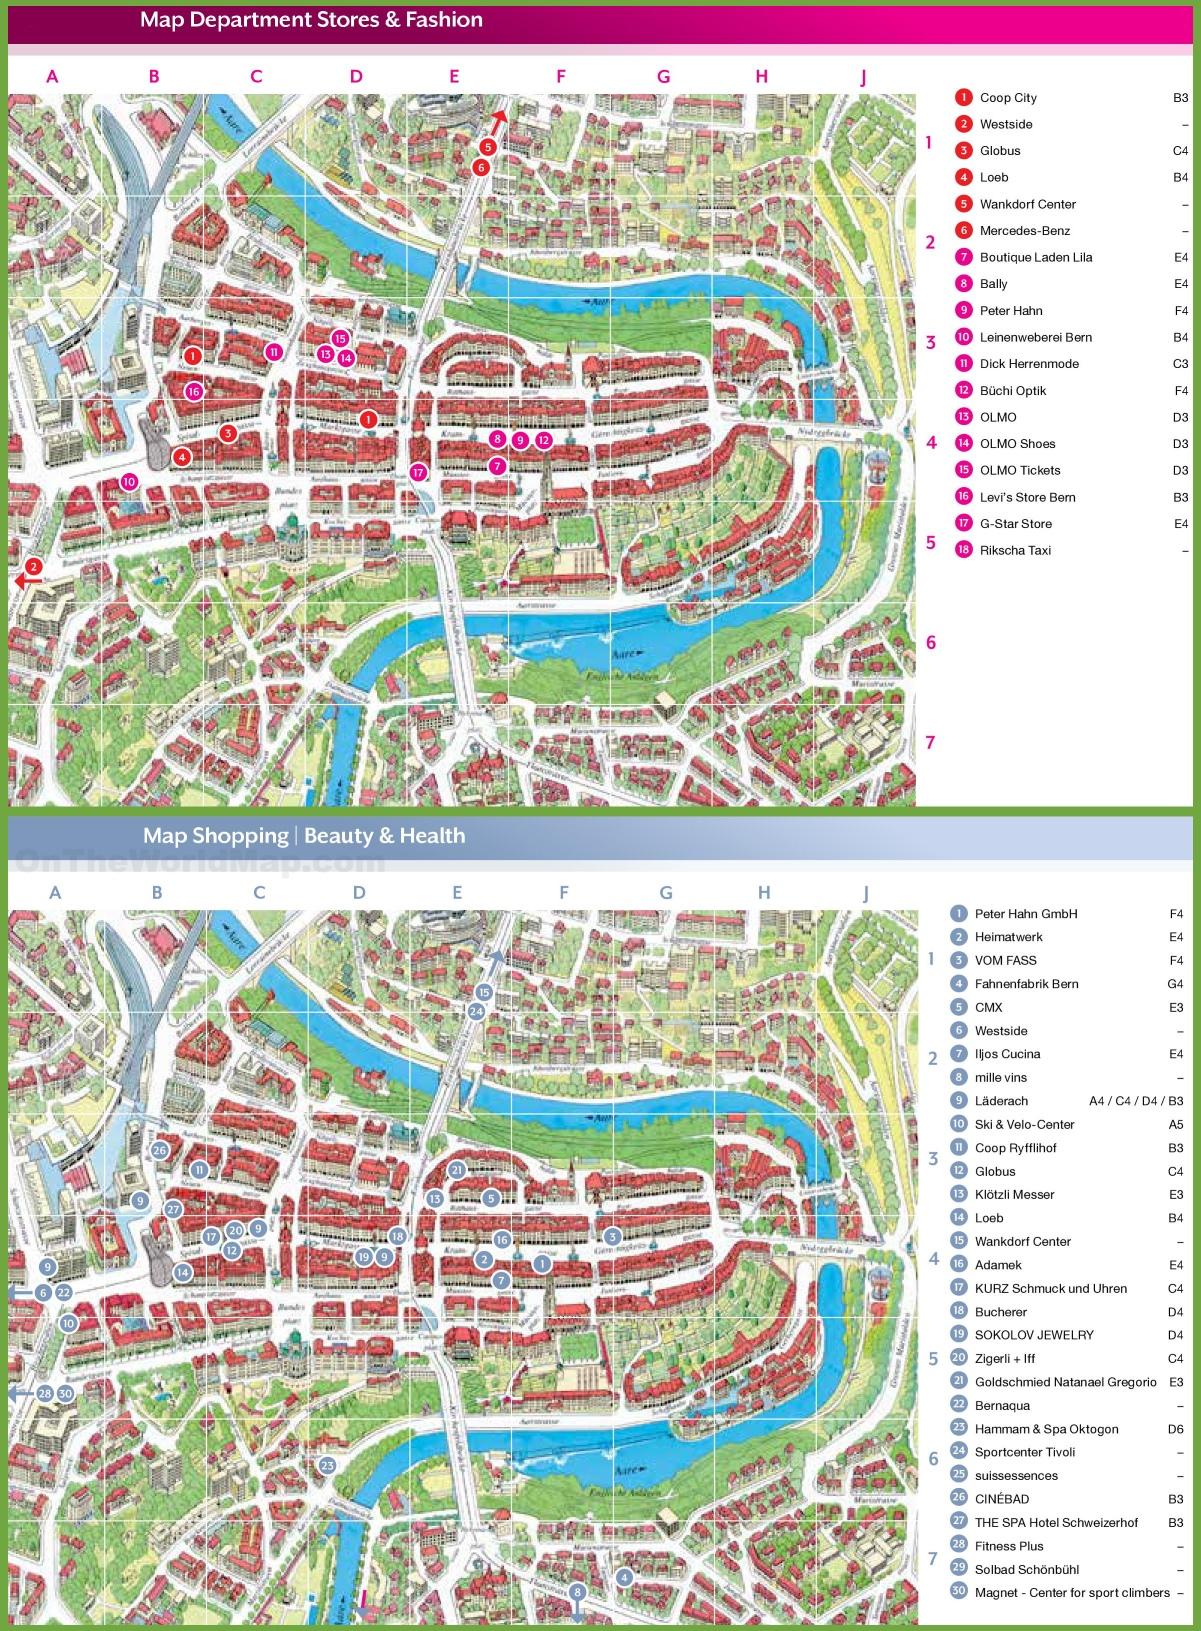 Bern shopping map